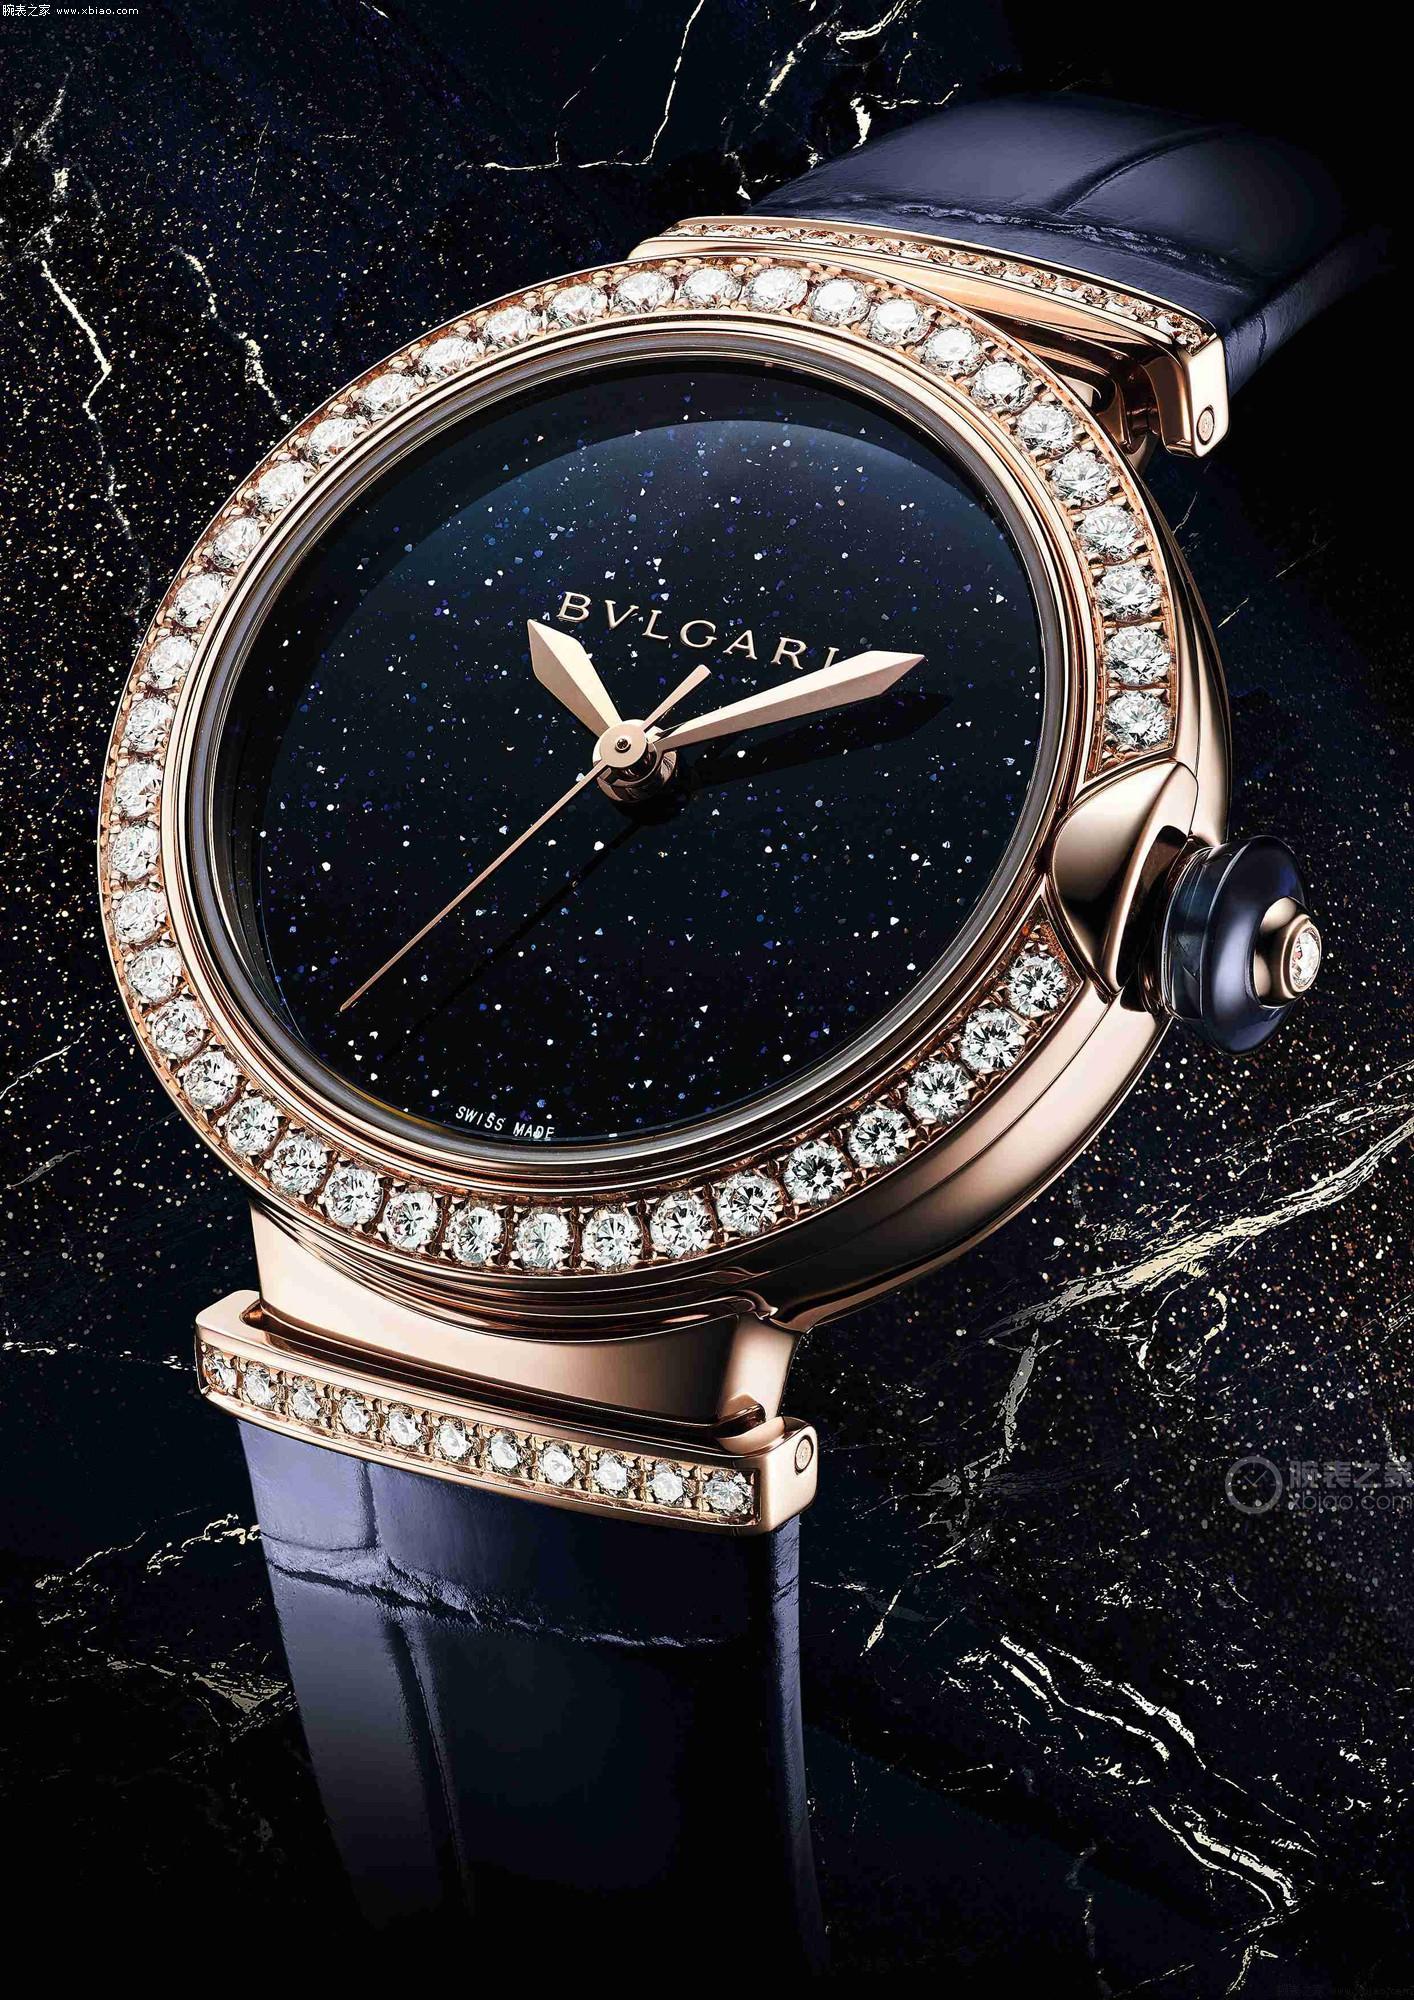 きらきら光る芳と華、ブルガリスーパーコピーLVCEAシリーズAventurine砂金石の腕時計